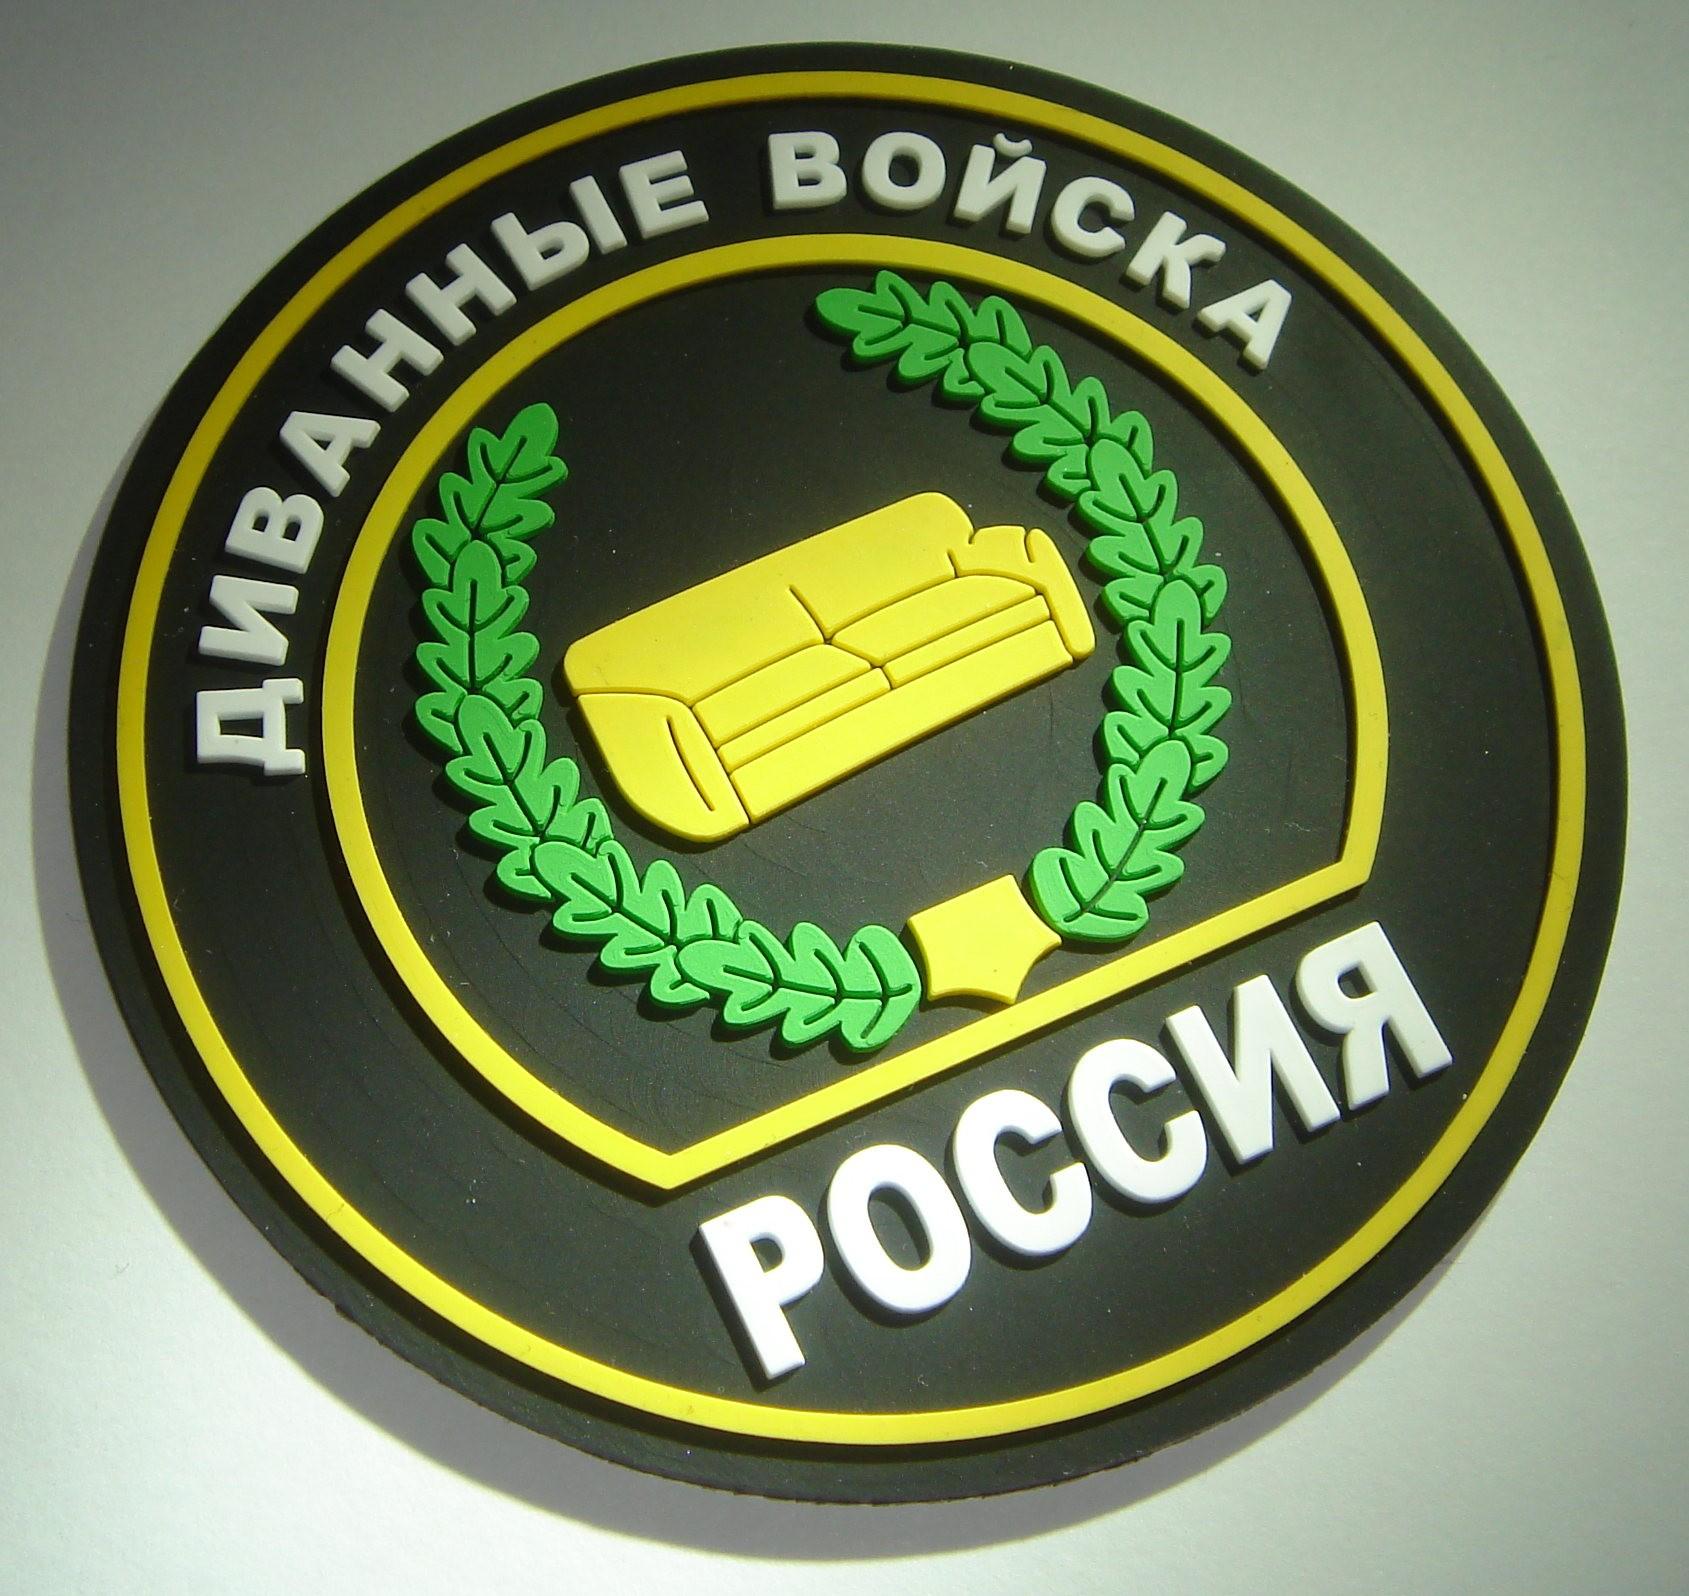 Бренд «Диванные войска» могут зарегистрировать в Российской Федерации